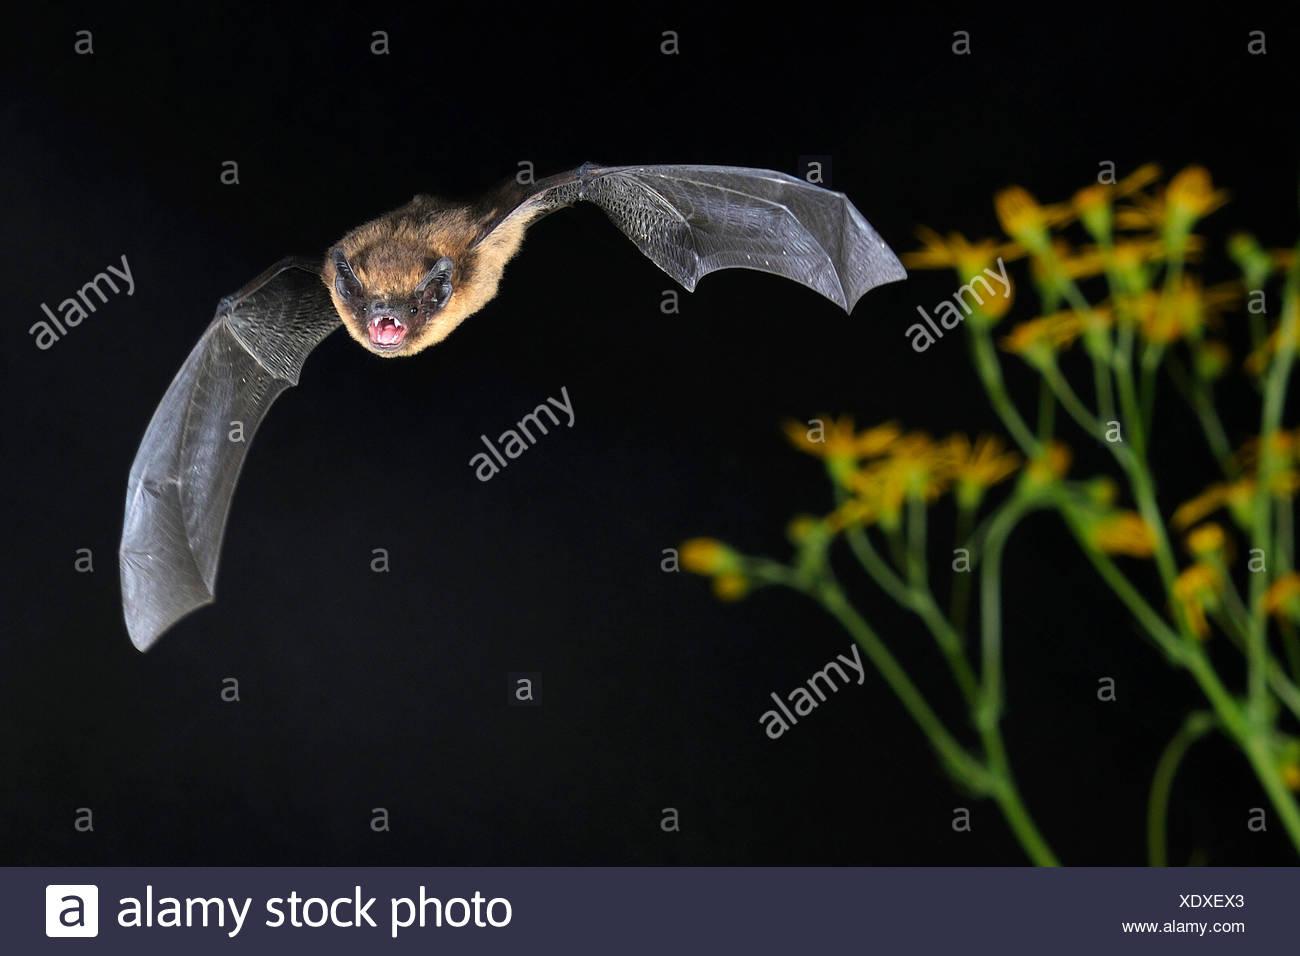 Zwergfledermaus im Flug, Sennestadt, NRW, Deutschland - Stock Image